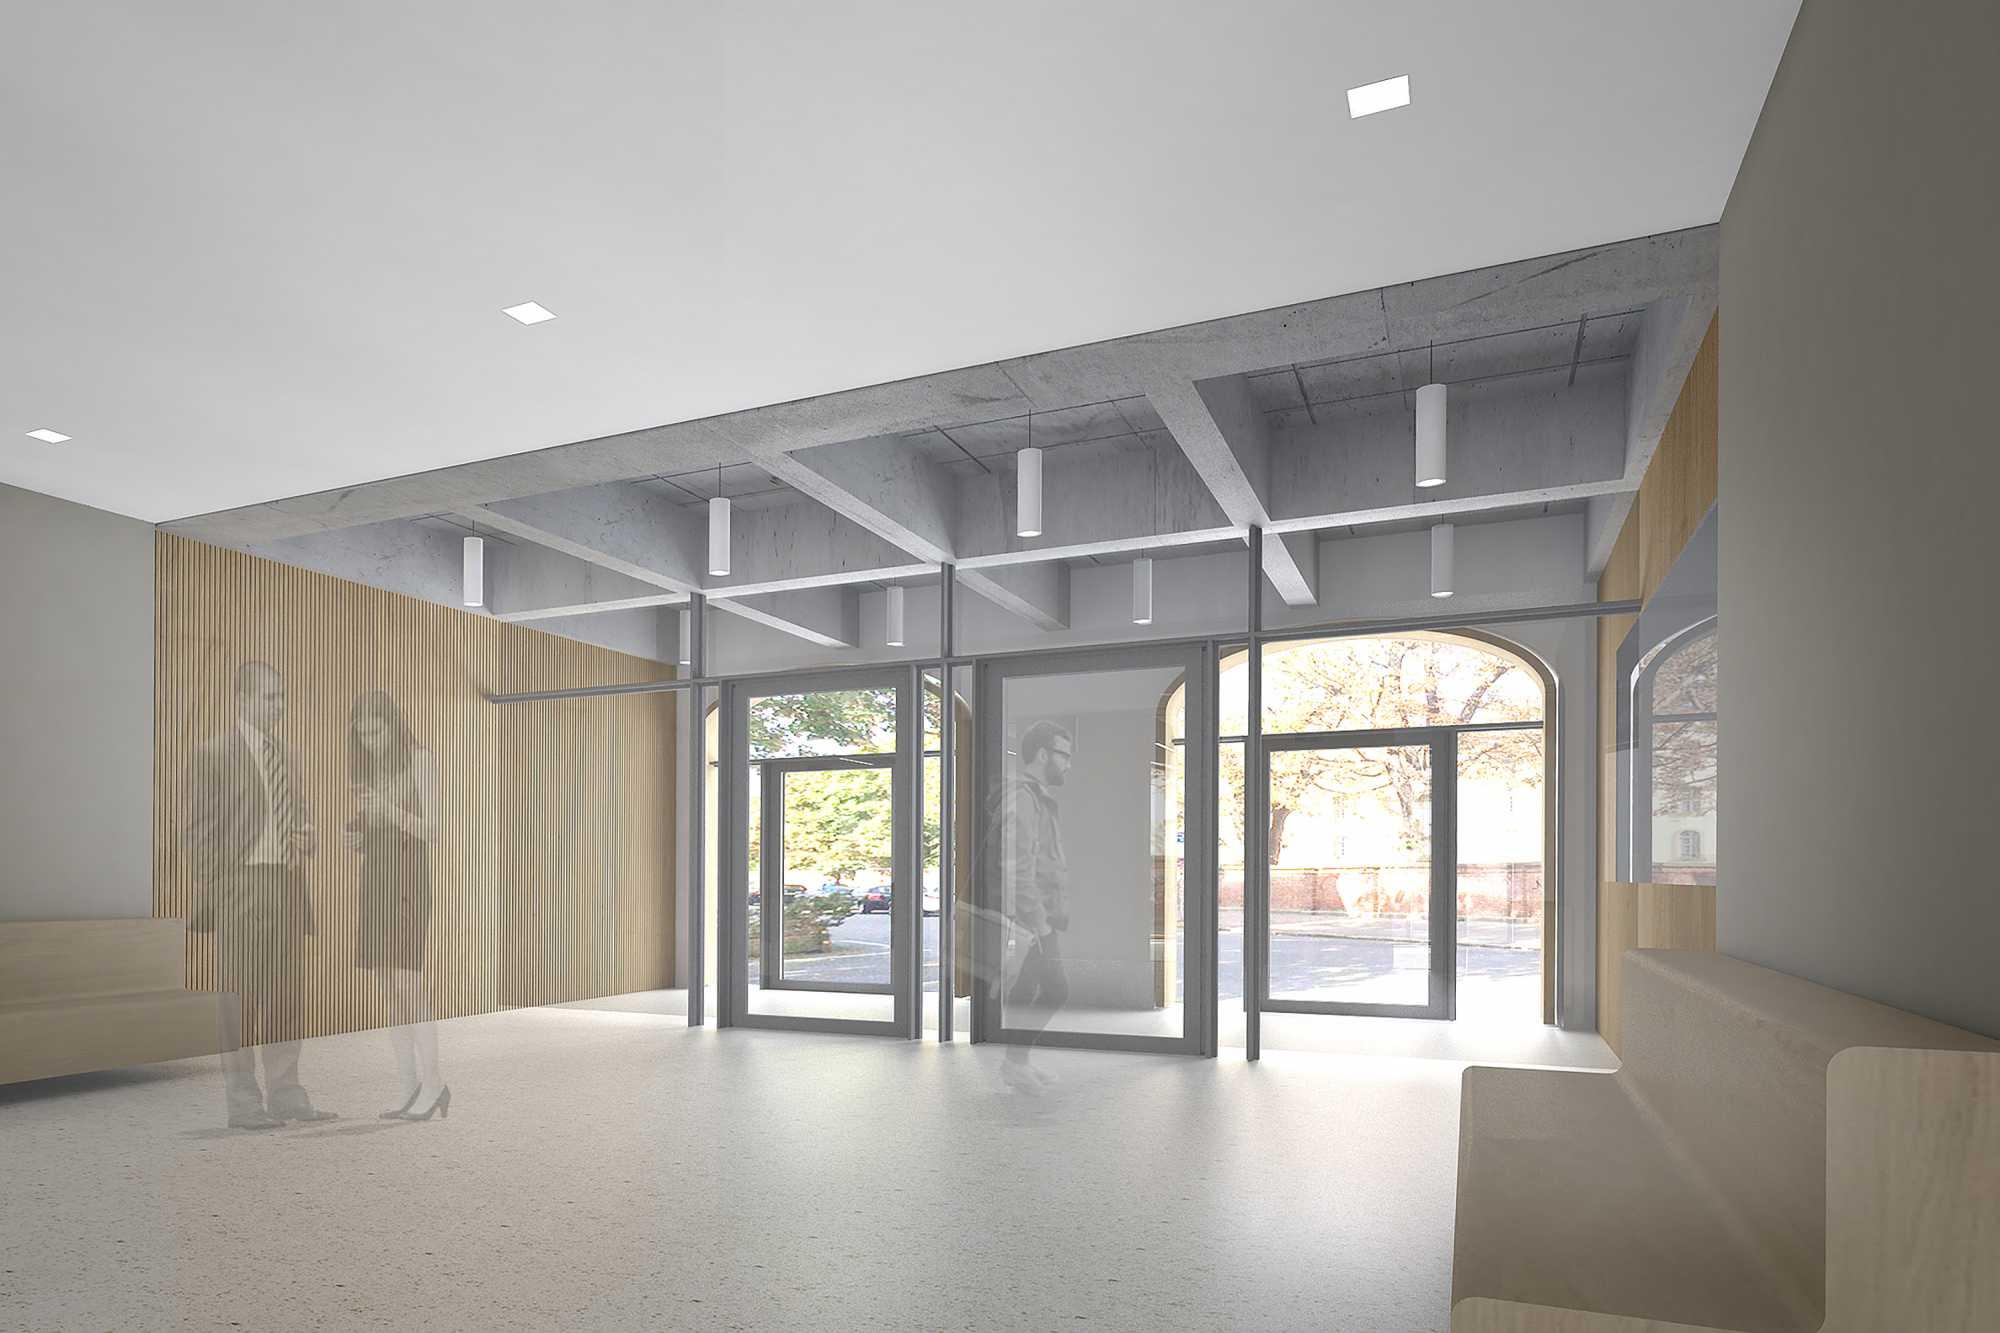 Baurechtliche Abnahme für das Projekt Amts- Nachlass- und Betreuungsgericht in der Schellingstrasse ({project_images:field_row_count})